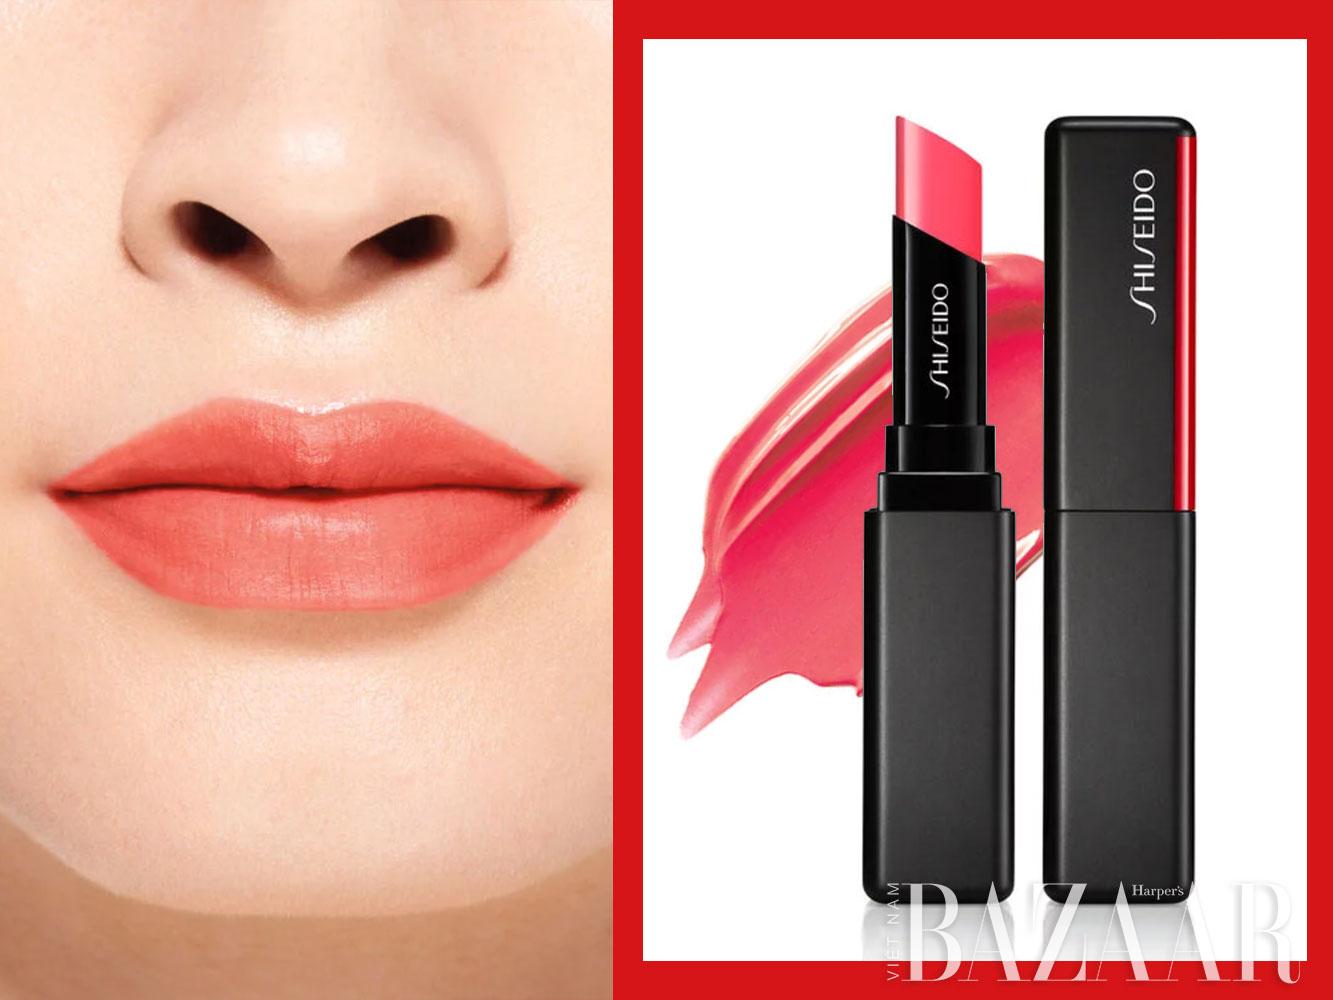 Son môi màu đỏ san hô cao cấp: Shiseido